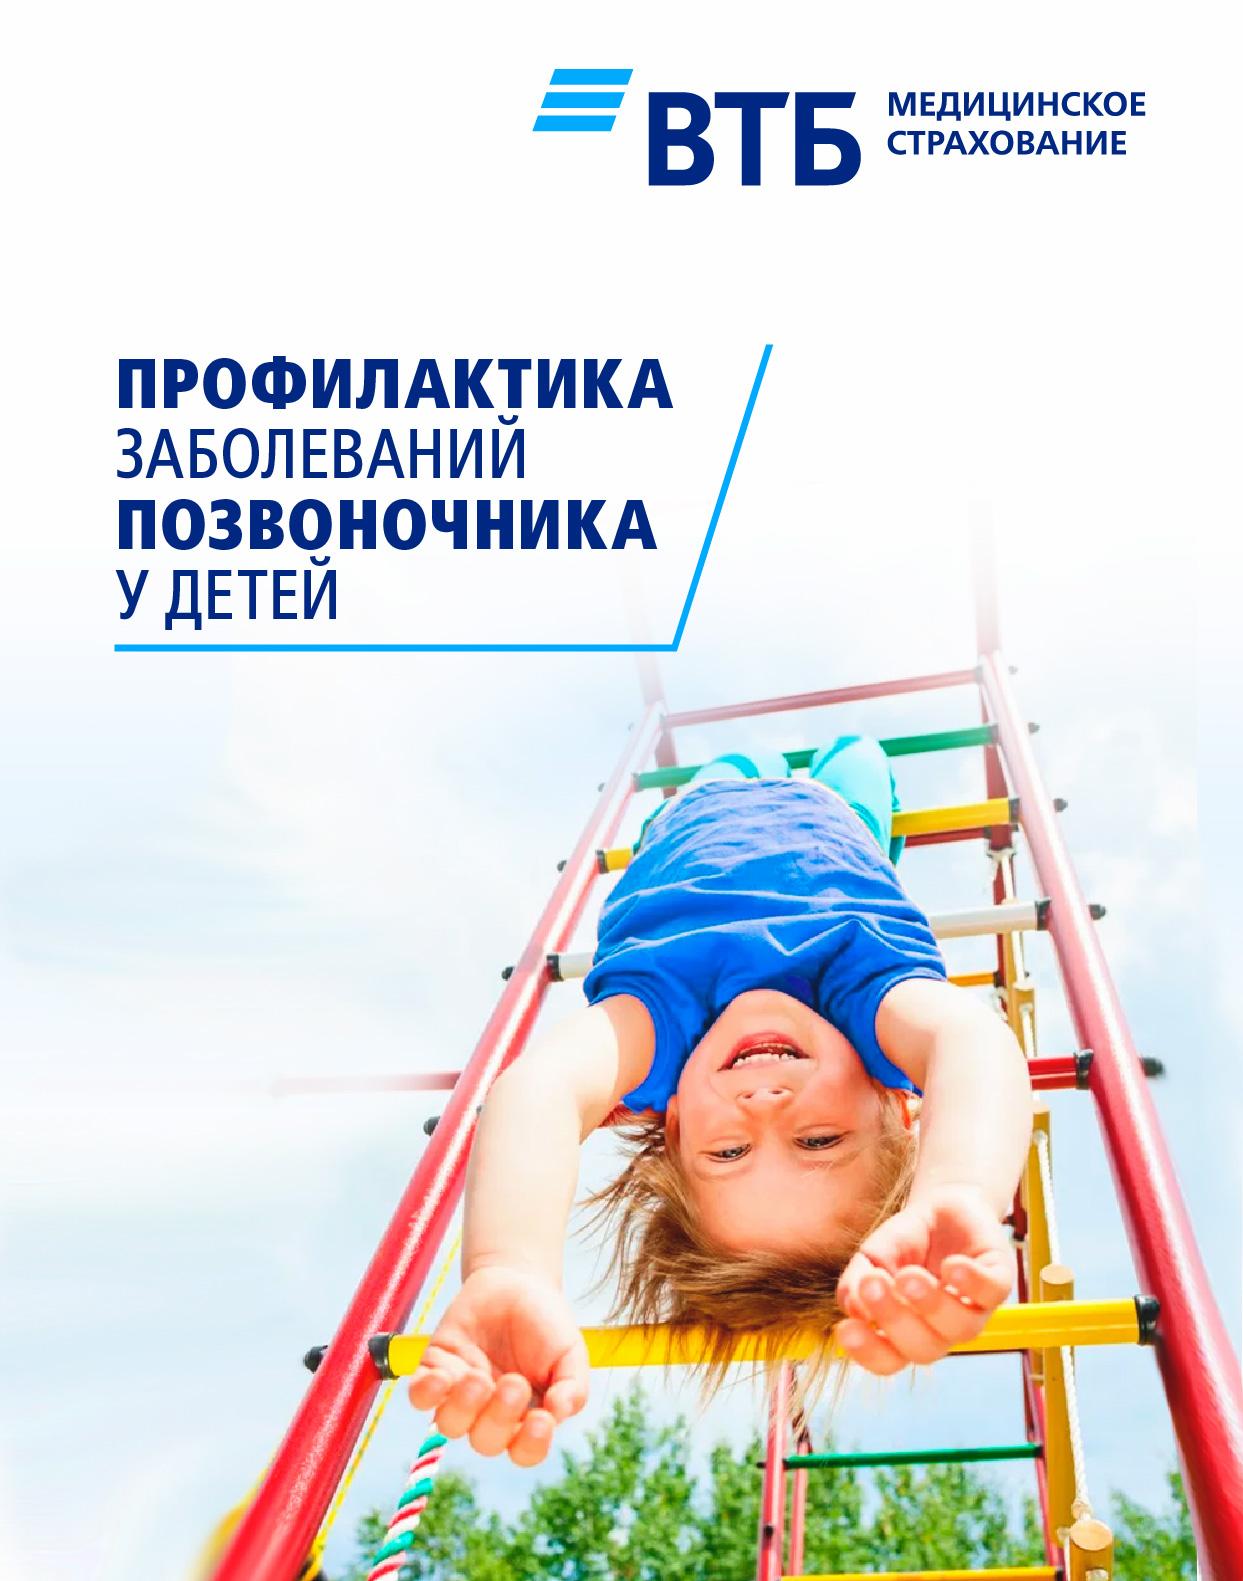 ВТБ МС рассказывает о профилактике заболеваний позвоночника у детей